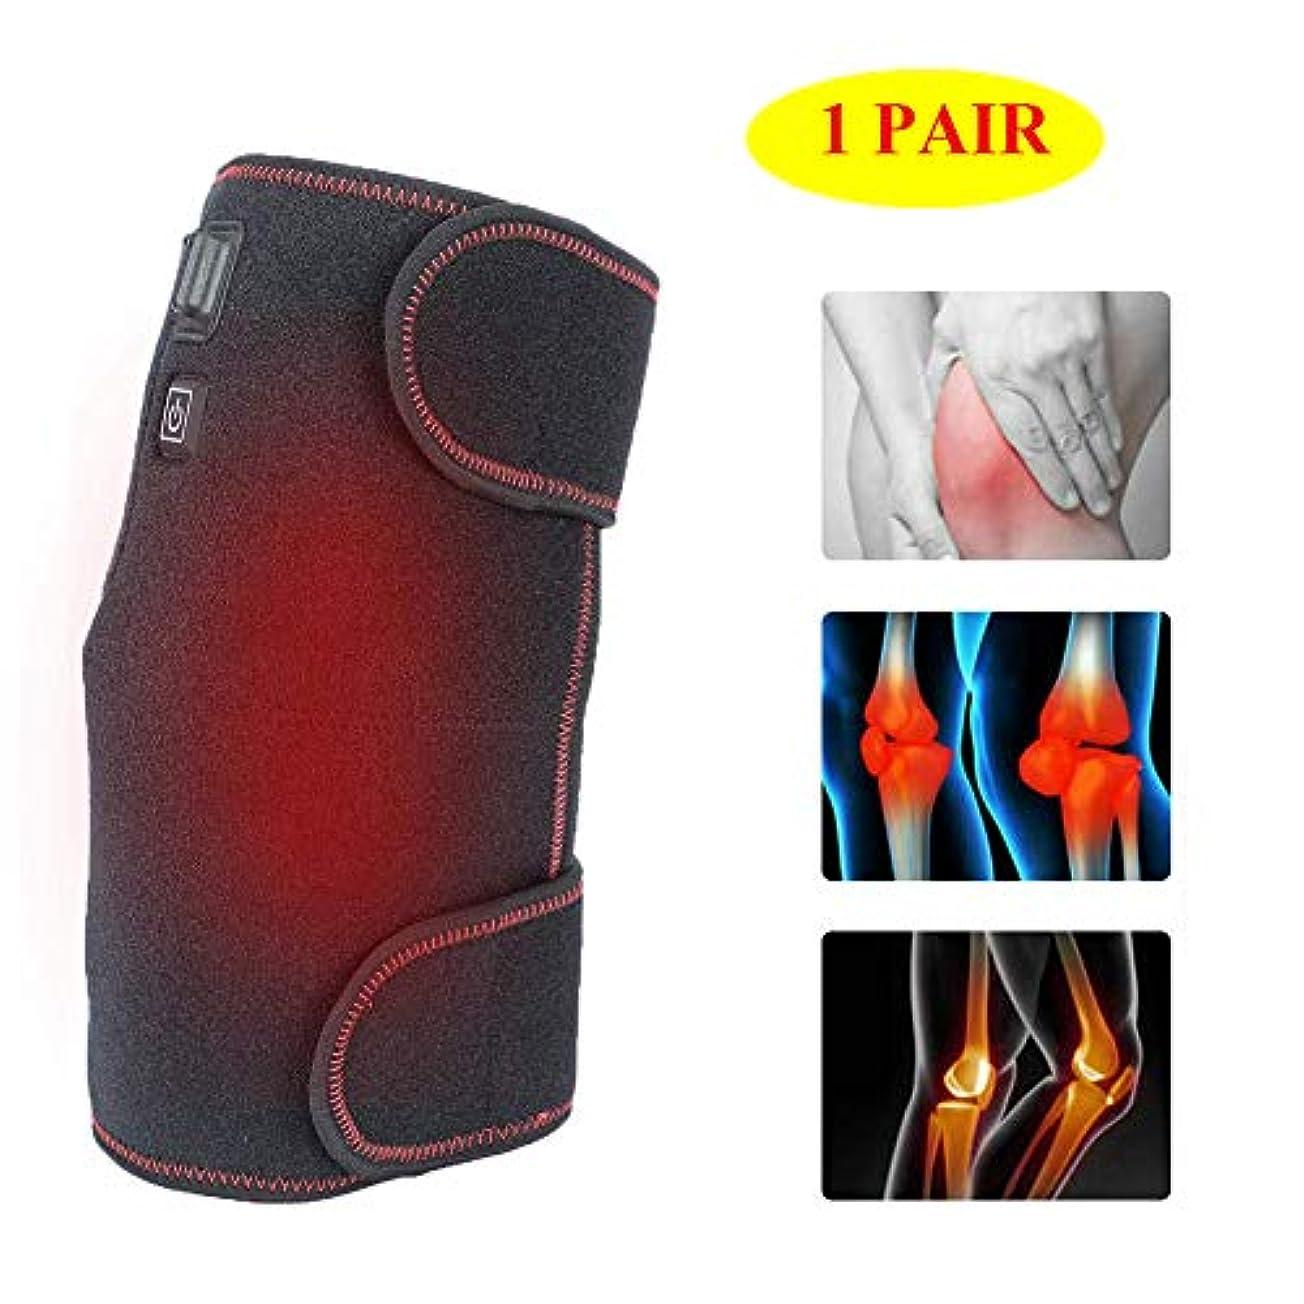 植物学者実際ビール加熱膝ブレースサポート1ペア - USB充電式膝暖かいラップ加熱パッド - 療法ホット圧縮3ファイル温度で膝の傷害